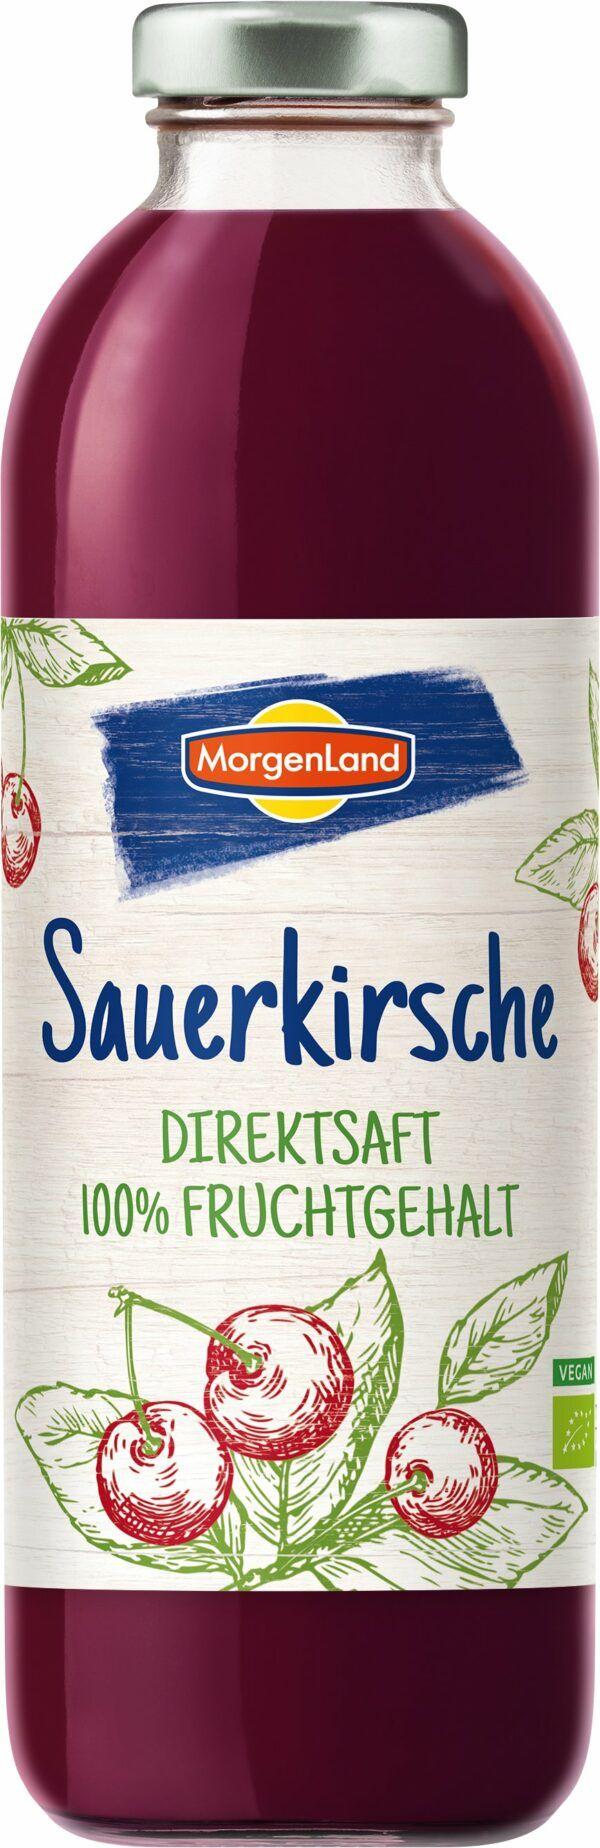 MorgenLand Sauerkirsche-Direktsaft 6x0,7l